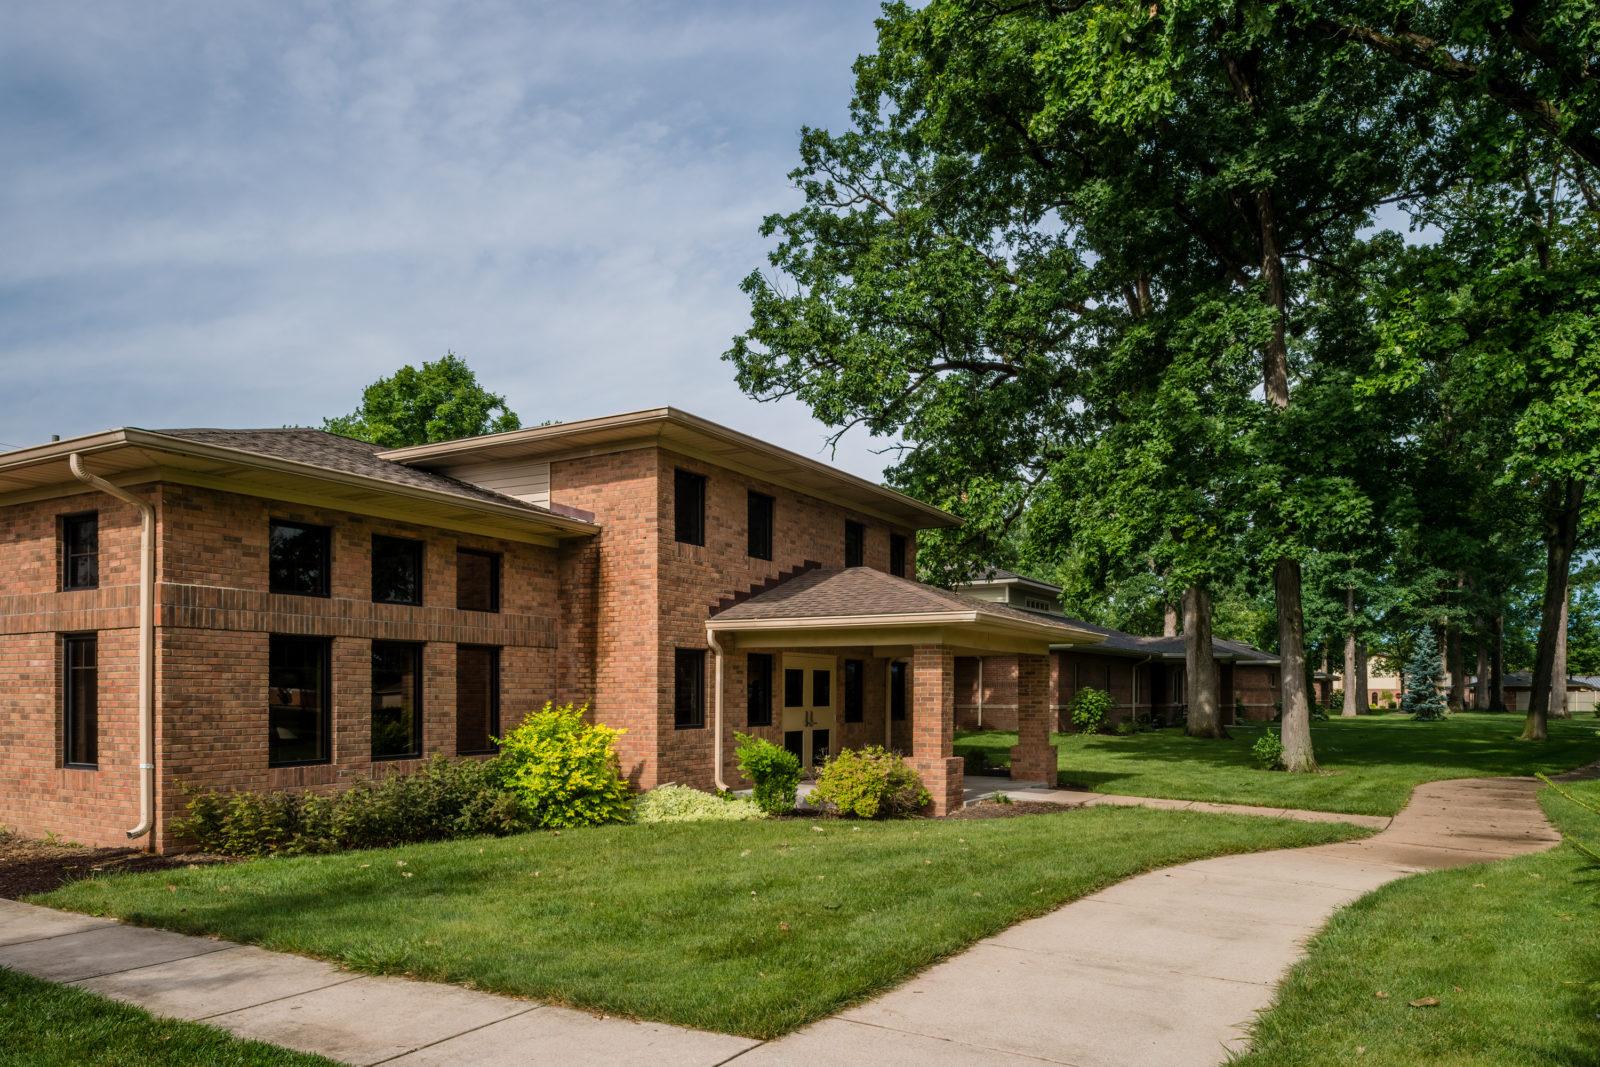 Indiana United Methodist Children's Home hero image